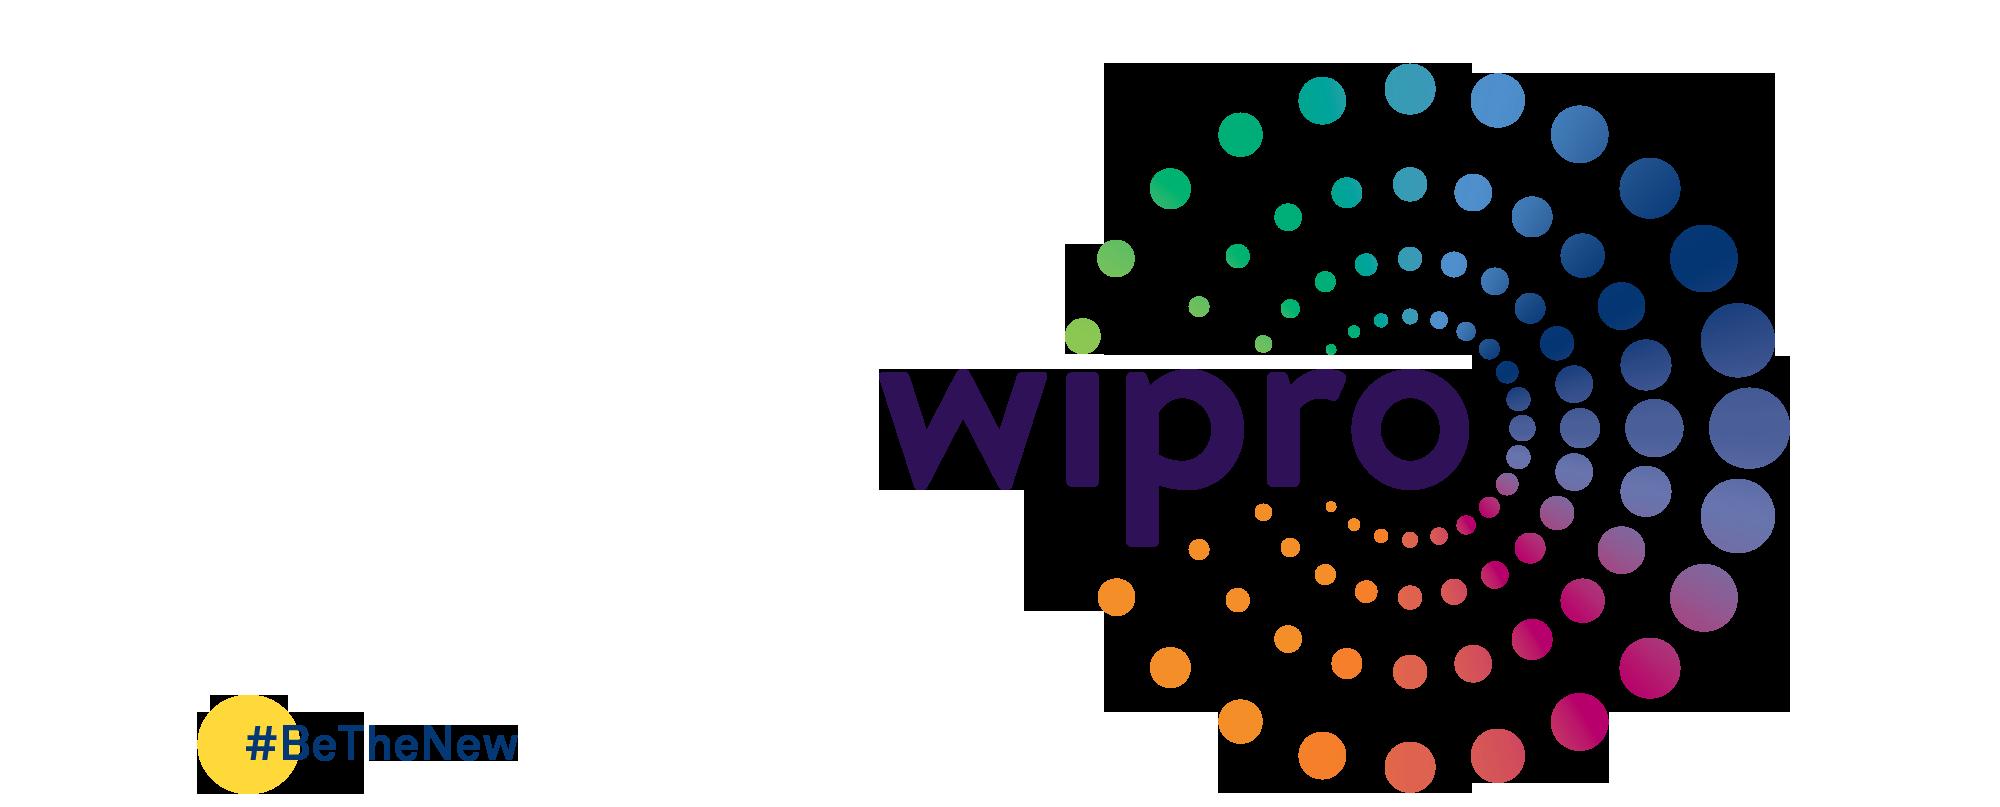 Wipro hiring hundreds fresher online.